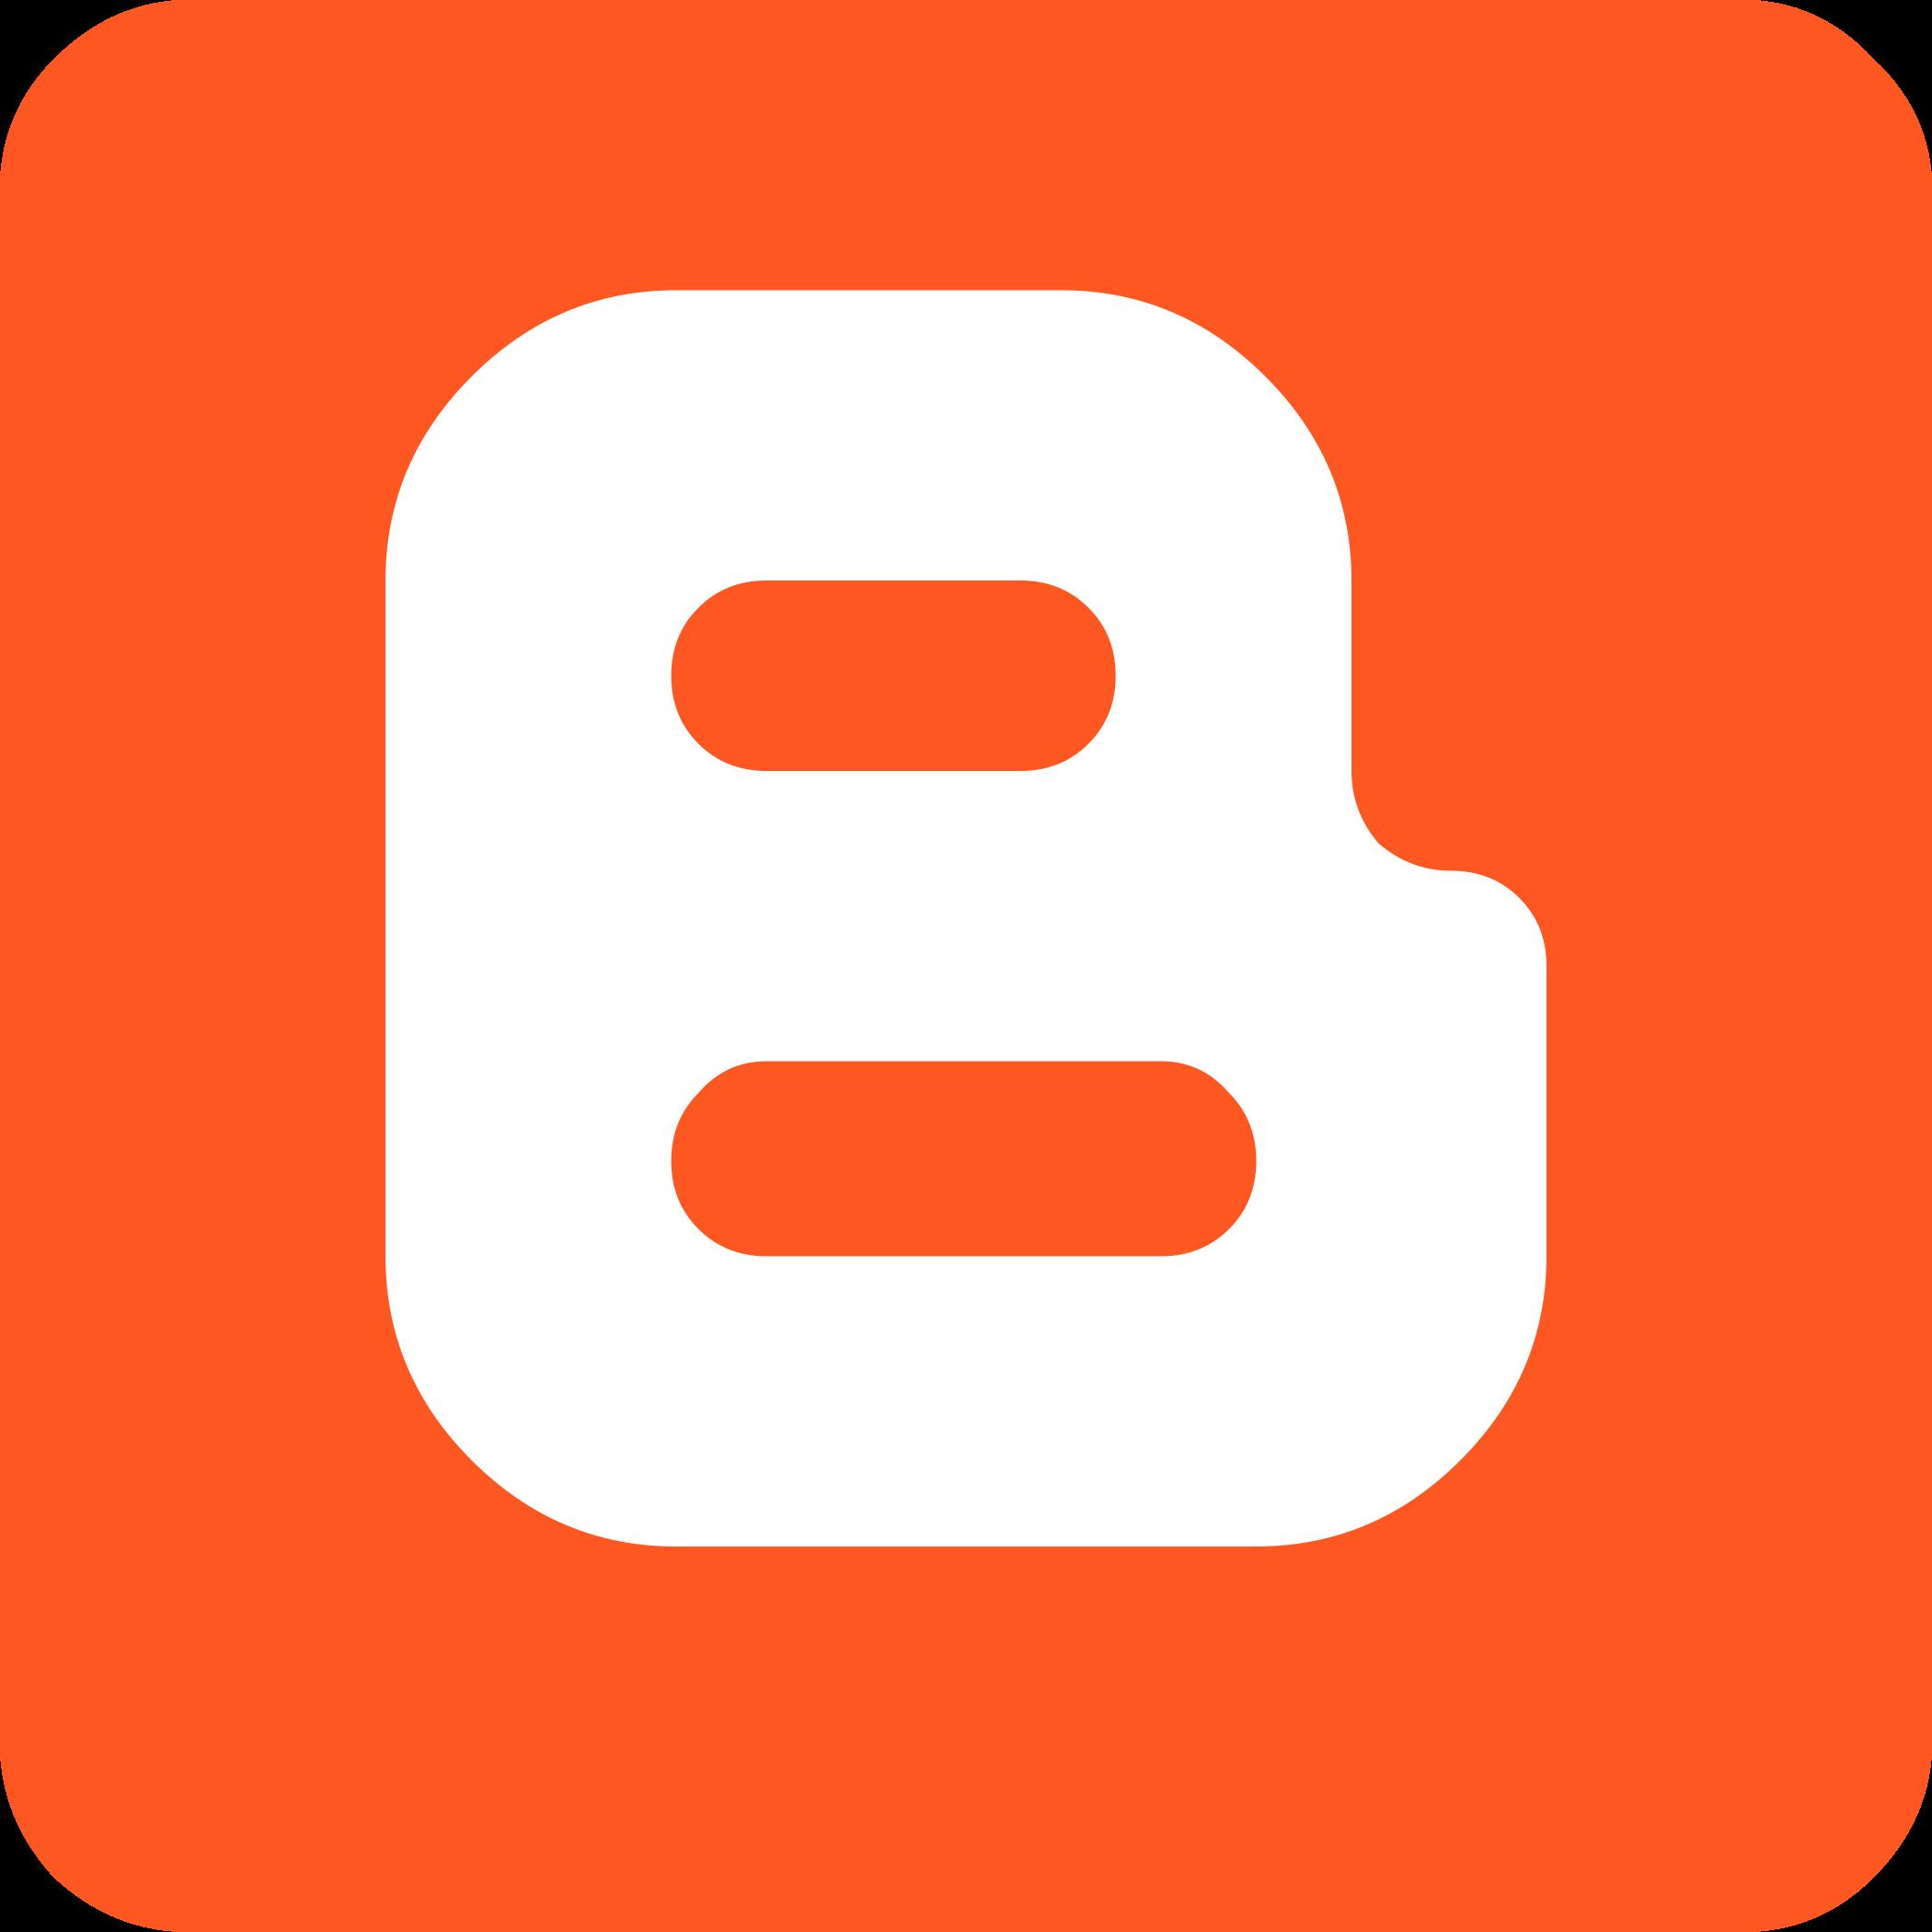 blogger logo icon 1 - Blogger Logo